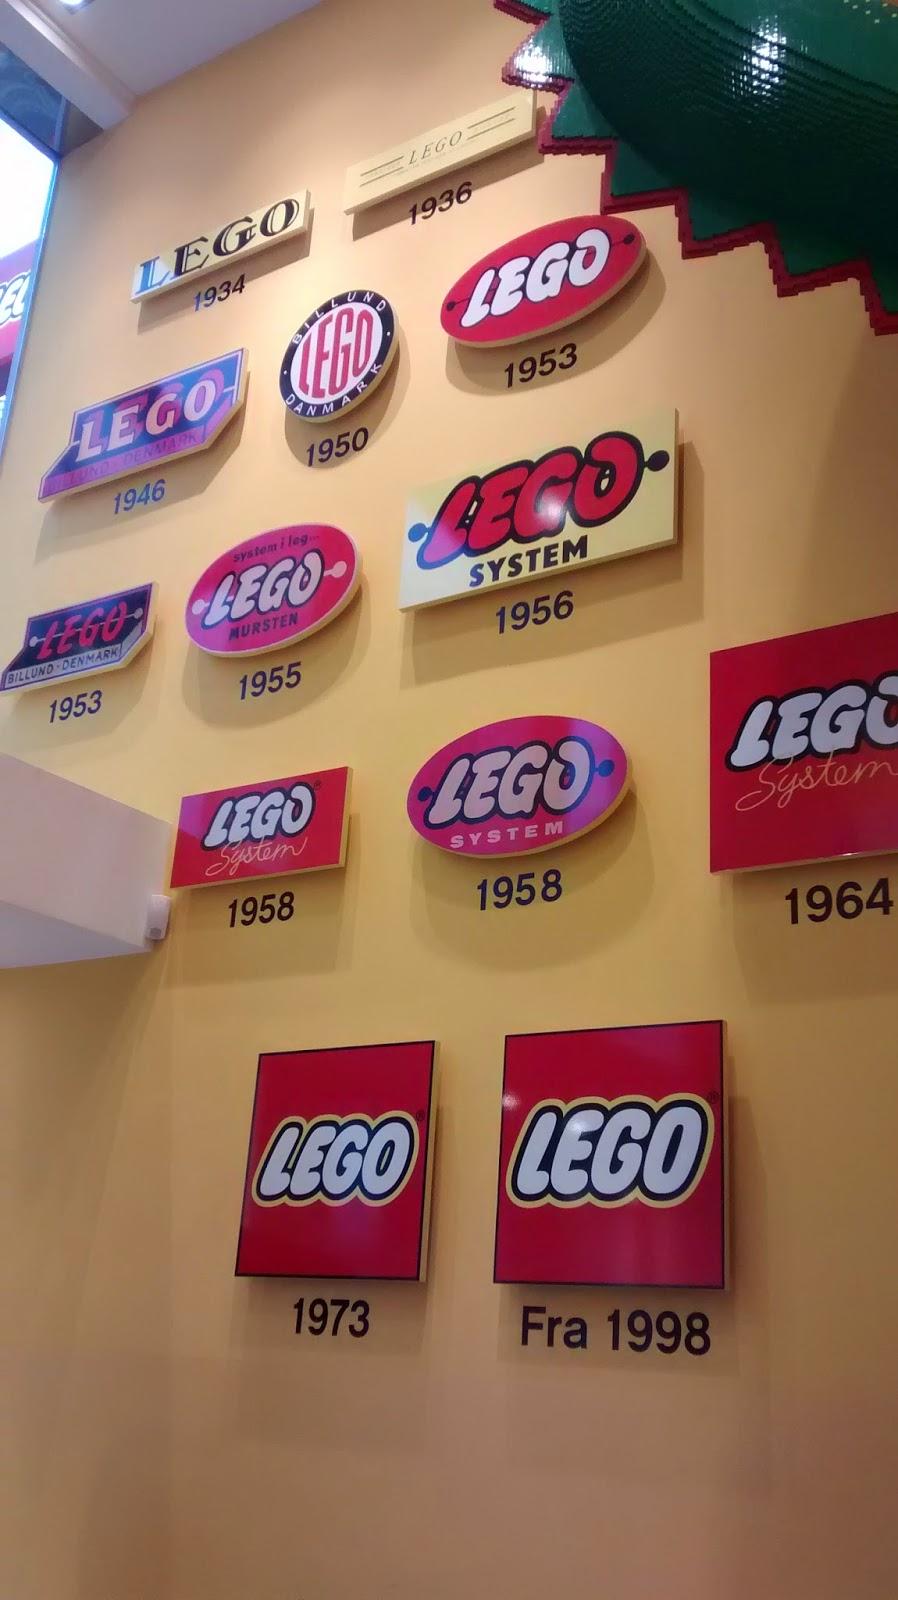 LEGO Copenhagen